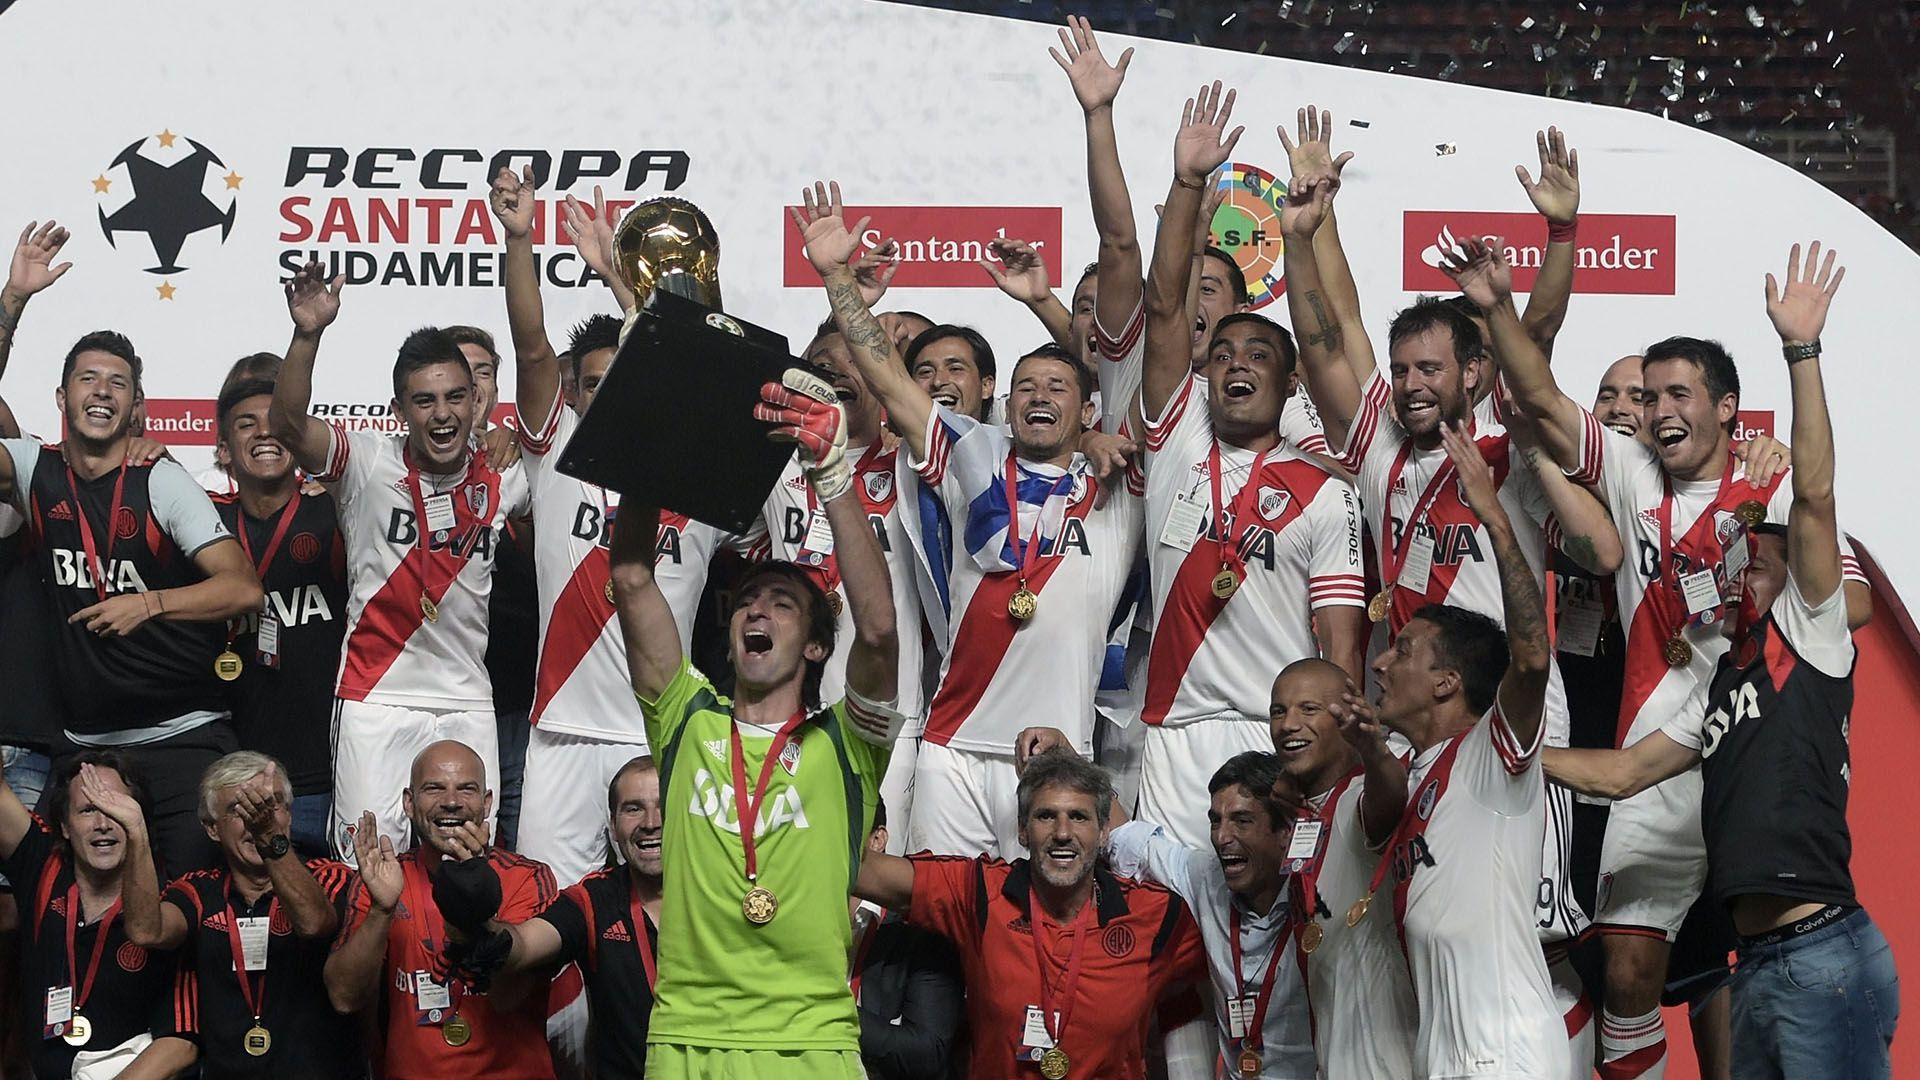 Barovero levantó la Copa Libertadores 2015 vestido de verde (se puso la camiseta del campeón arriba). FOTO NA: AFP PHOTO / Juan Mabromata